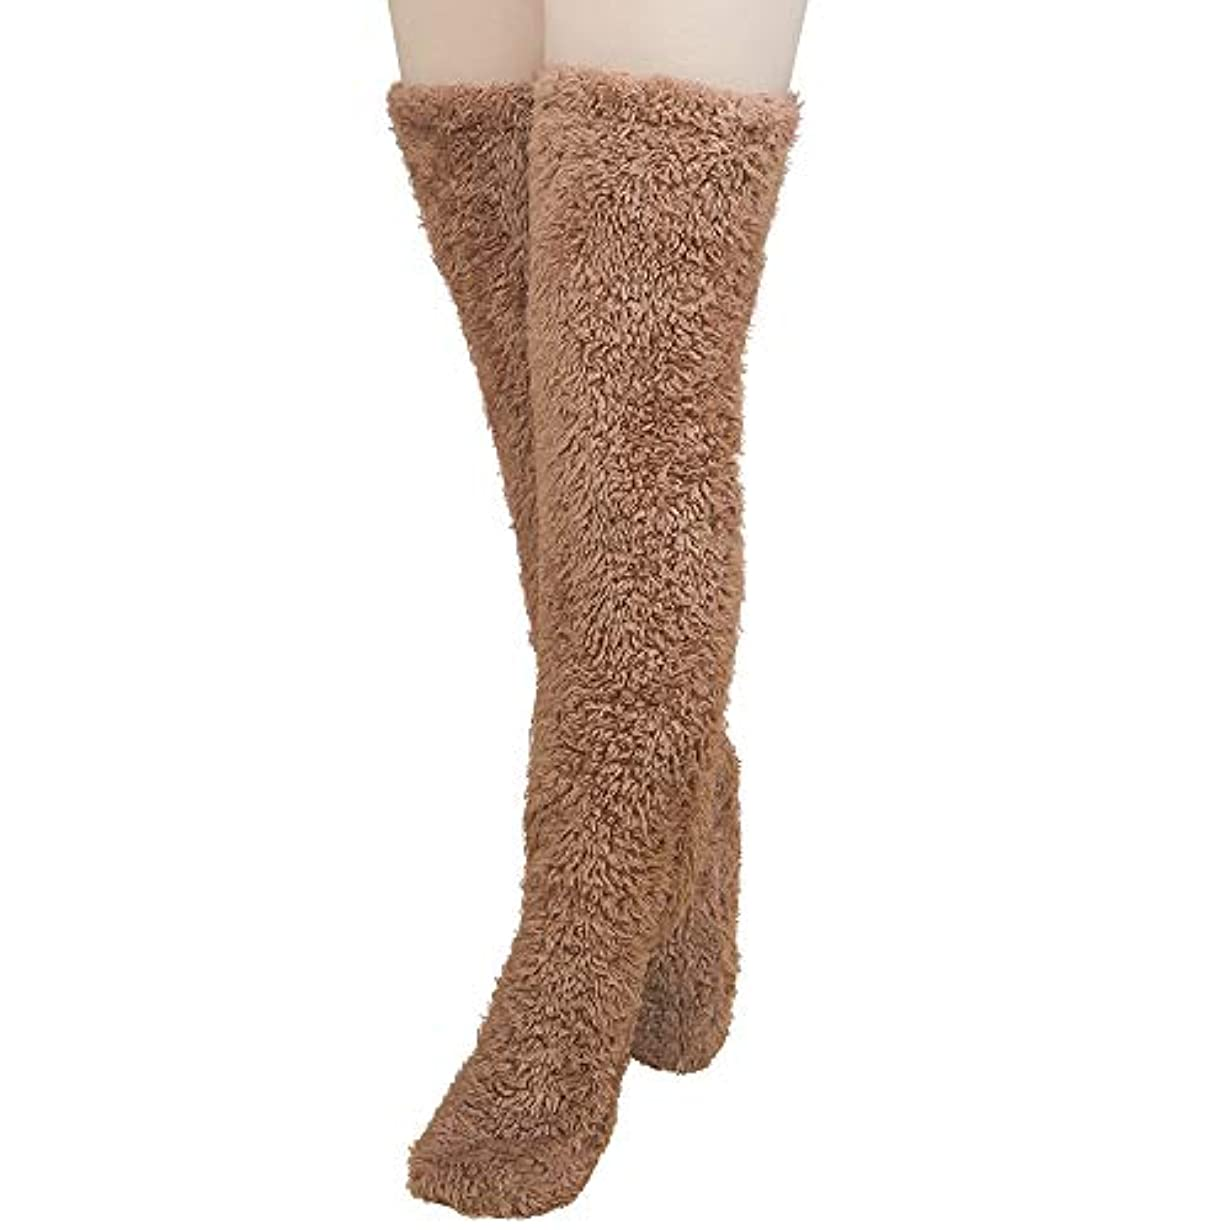 秘密のホースギターMiuko 足が出せるロングカバー 極暖 レッグウォーマー ふわふわ靴下 ロングソックス 冷えとり靴下 毛布ソックス 冷え対策 防寒ソックス あったか 超厚手 男女兼用